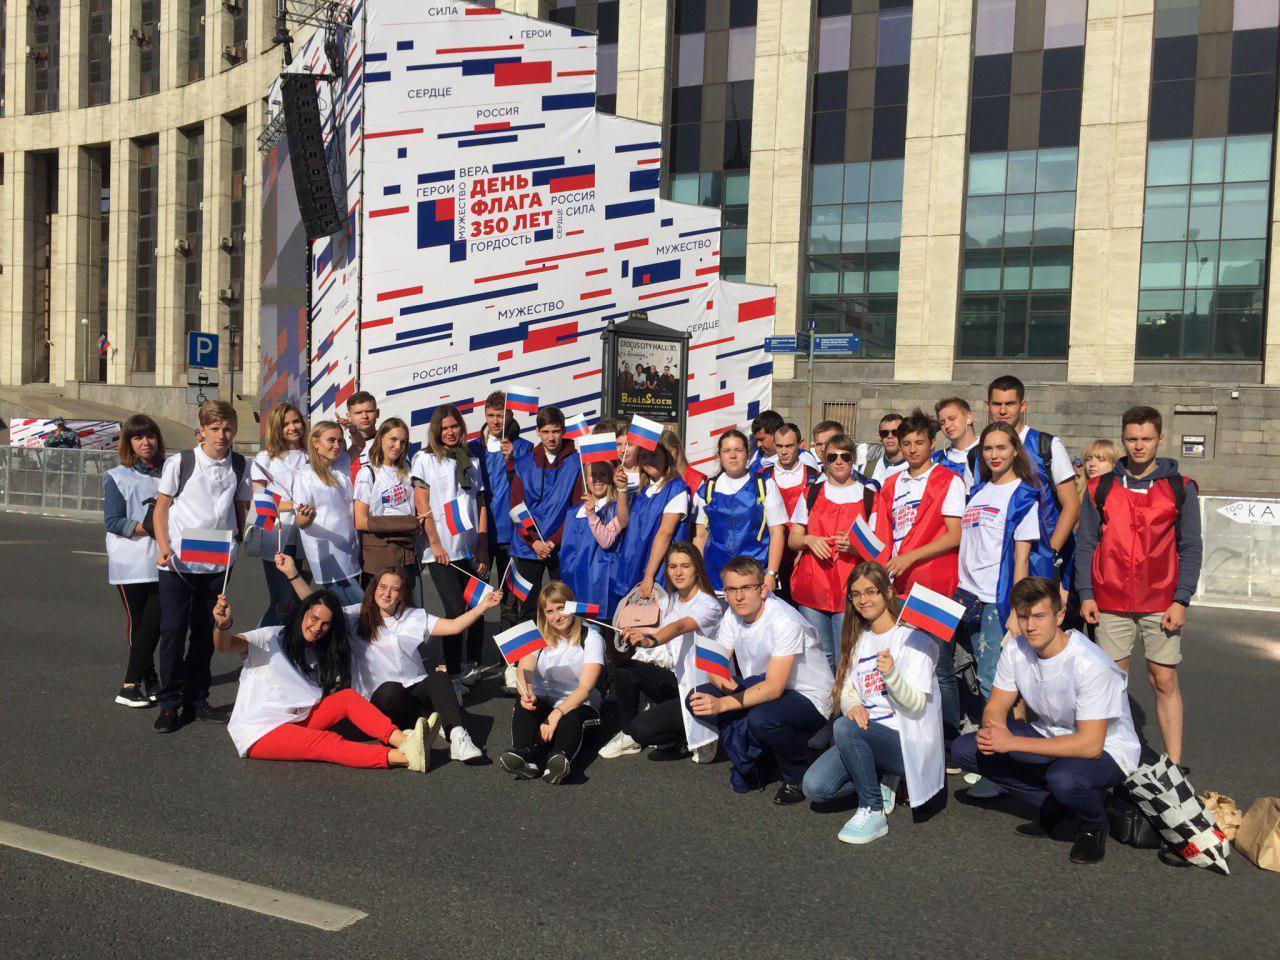 Тамбовские молодогвардейцы оделись в цвета триколора и станцевали флешмоб на Дне флага в Москве